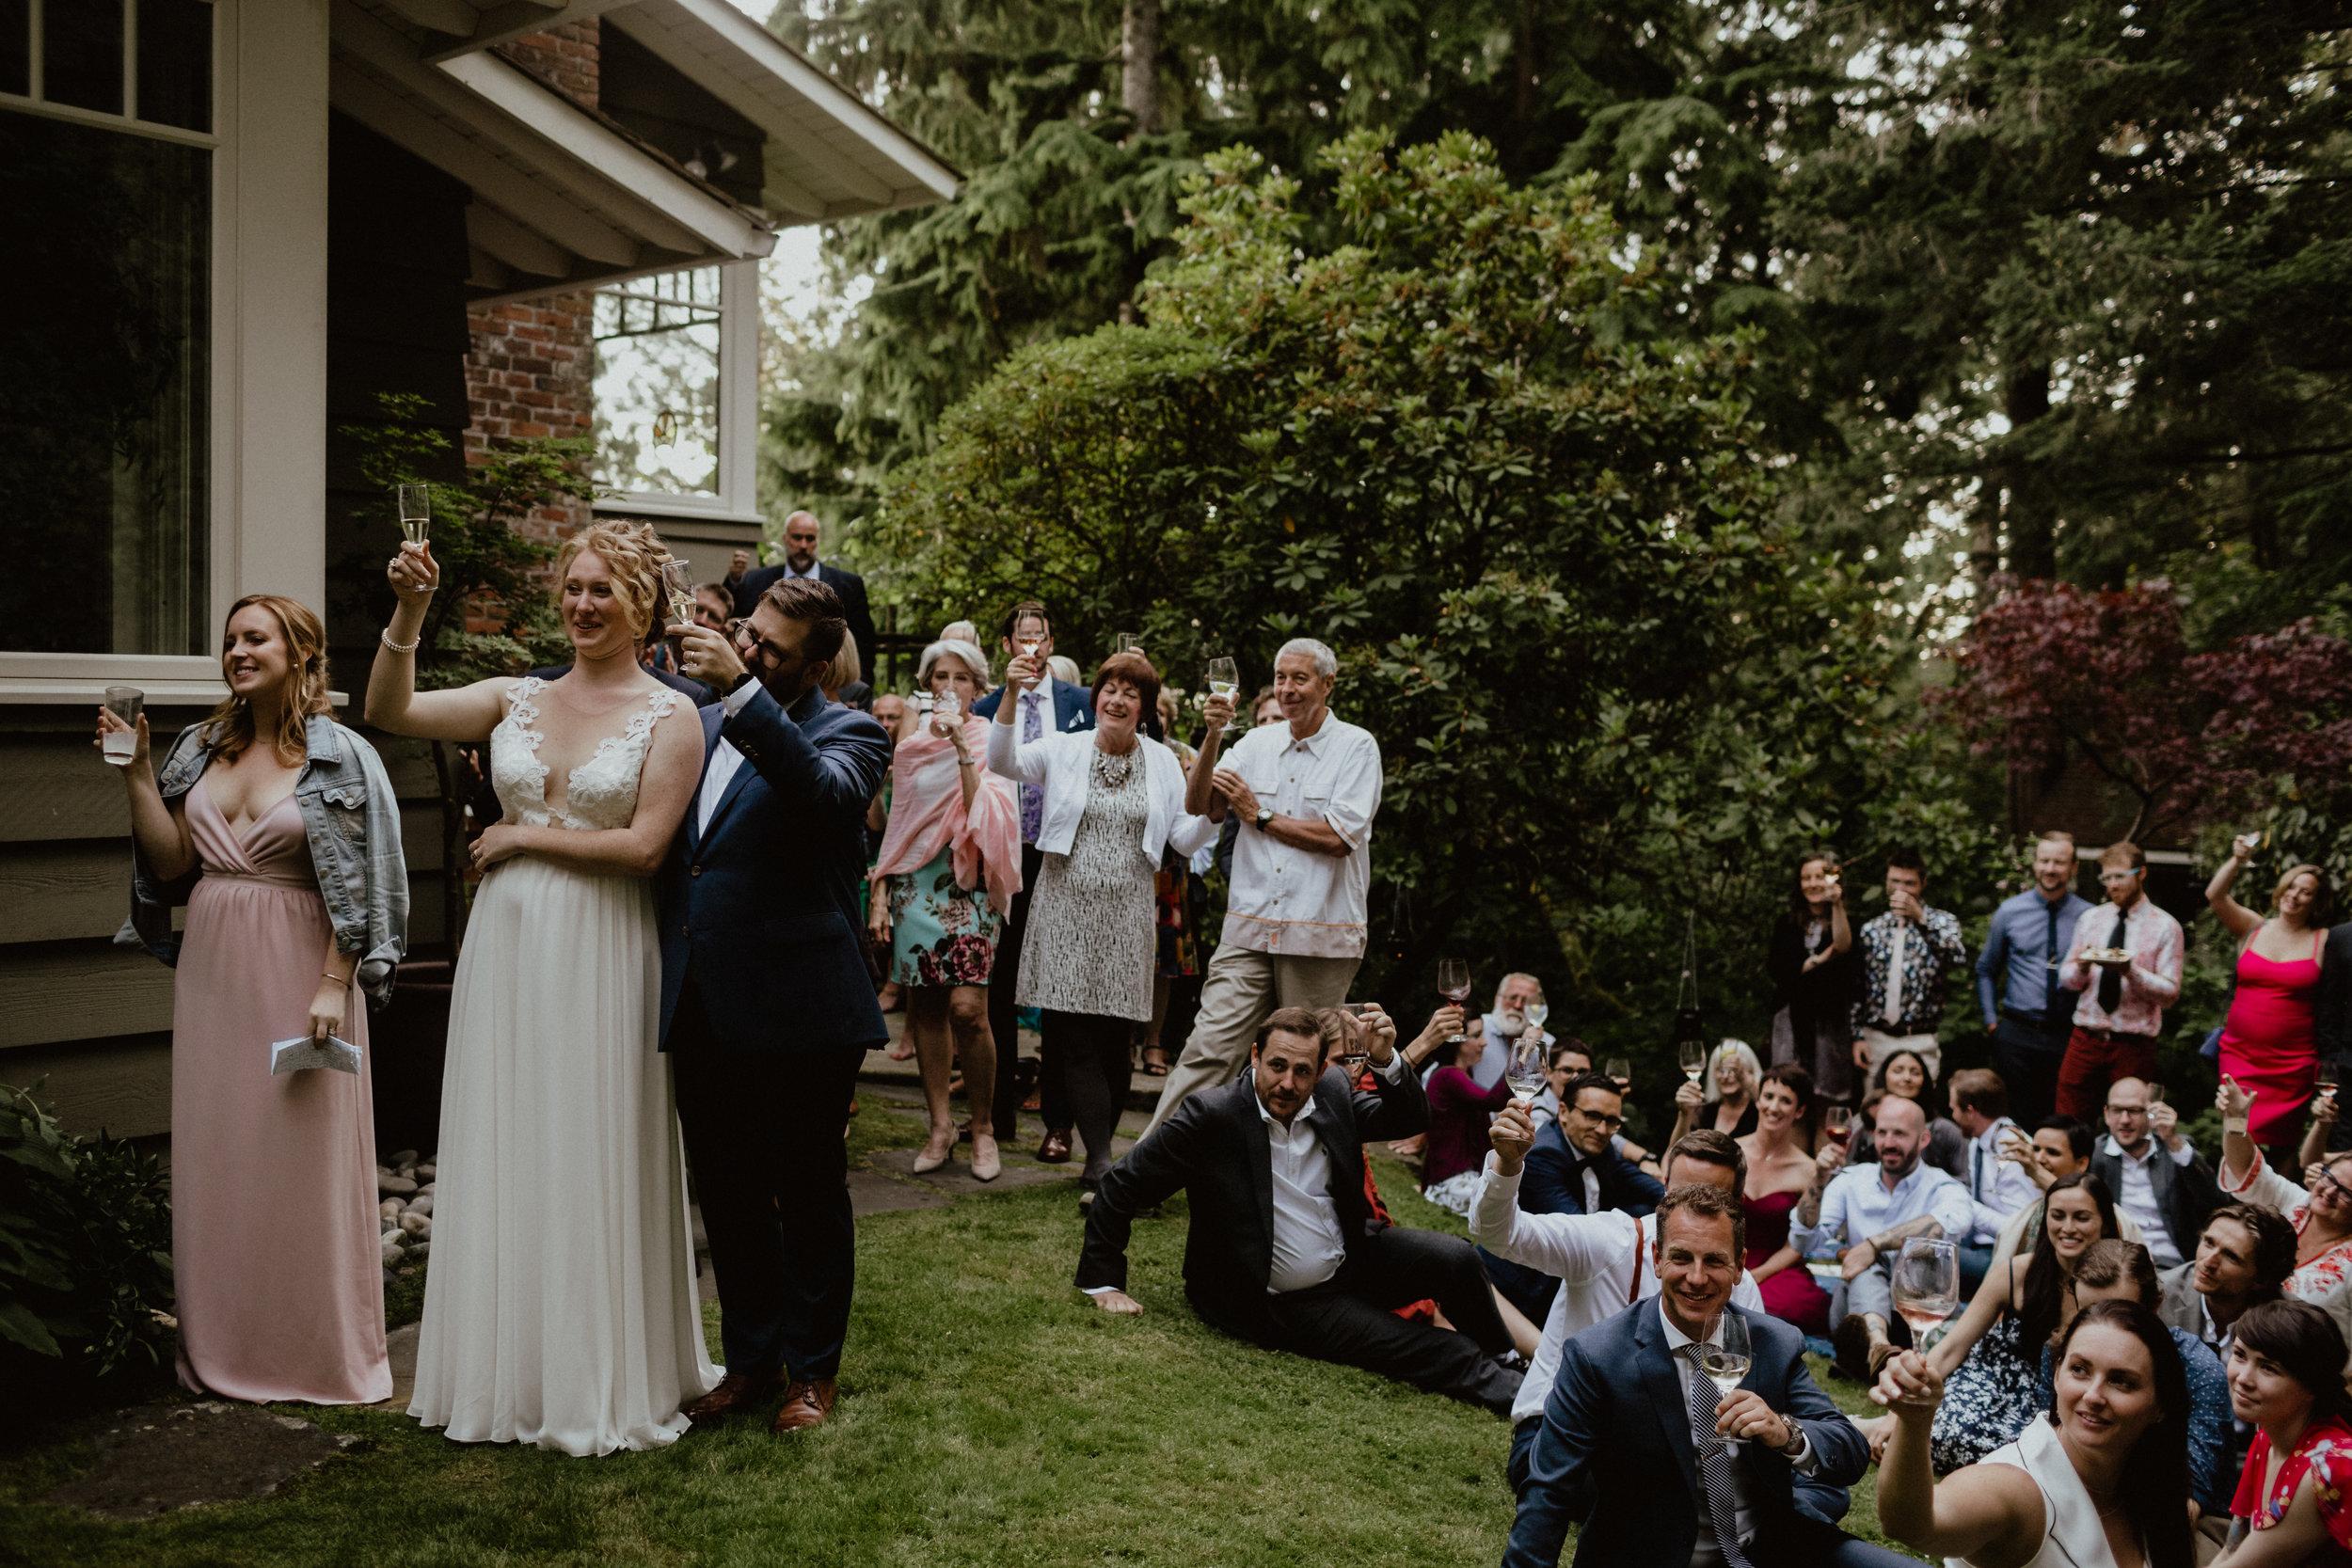 west-vancouver-backyard-wedding-256.jpg